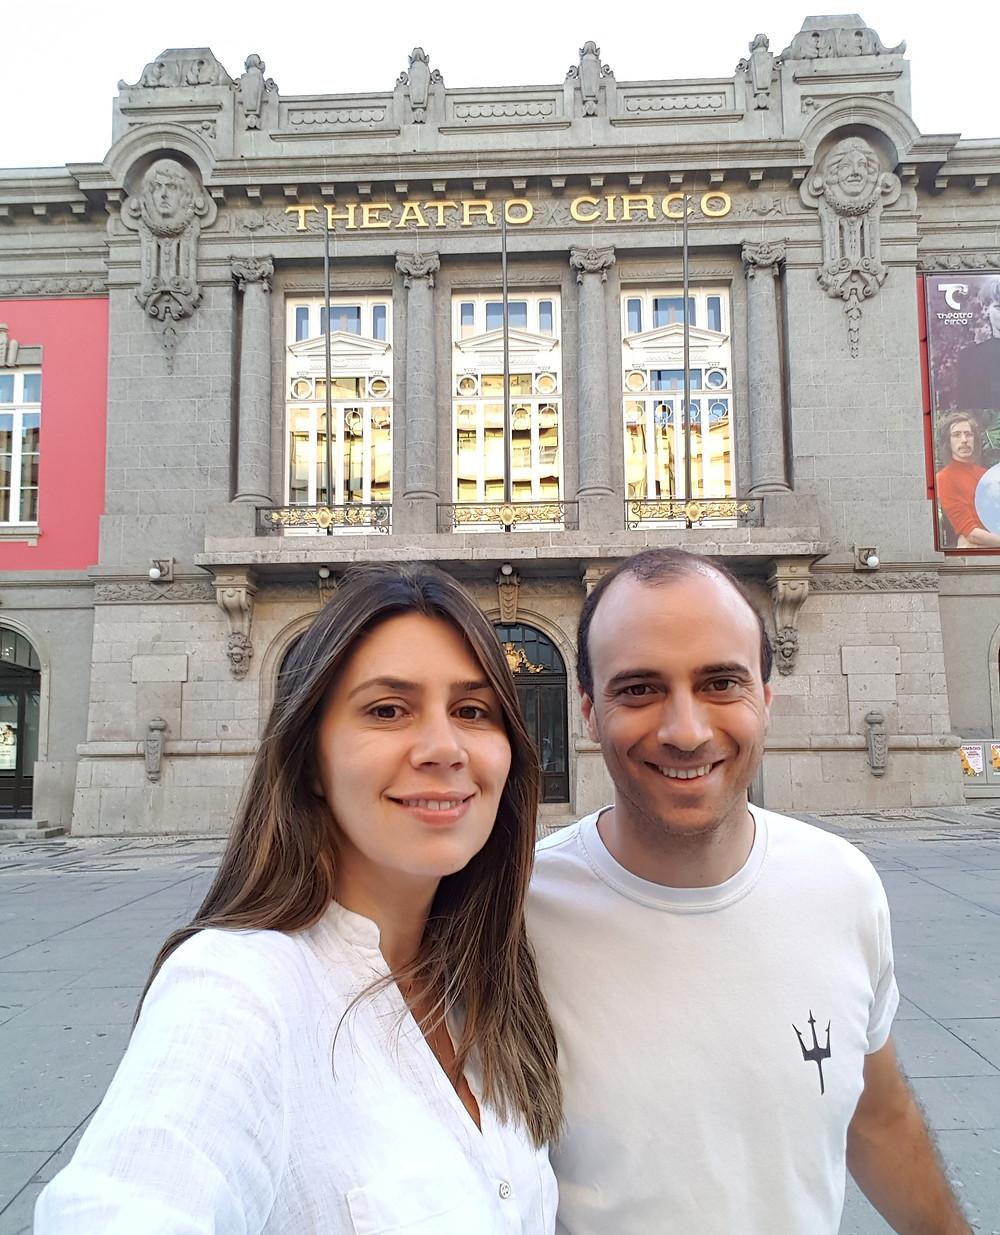 Theatro Circo - Braga - Portugal